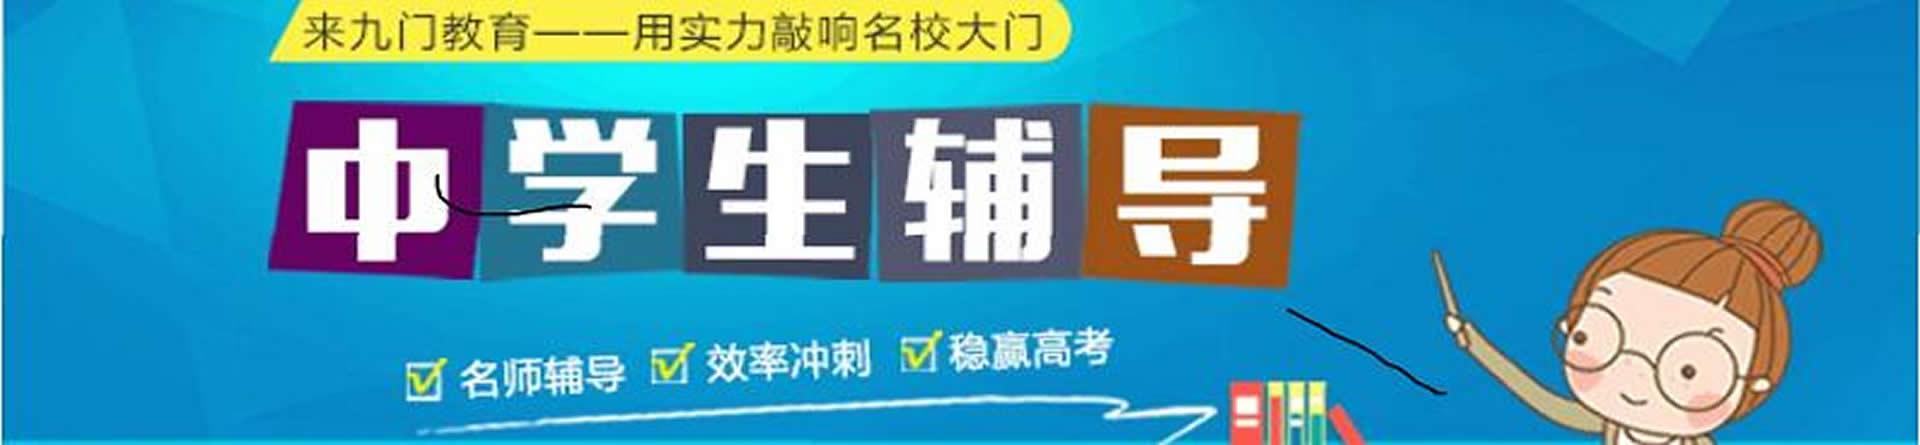 郑州九门教育